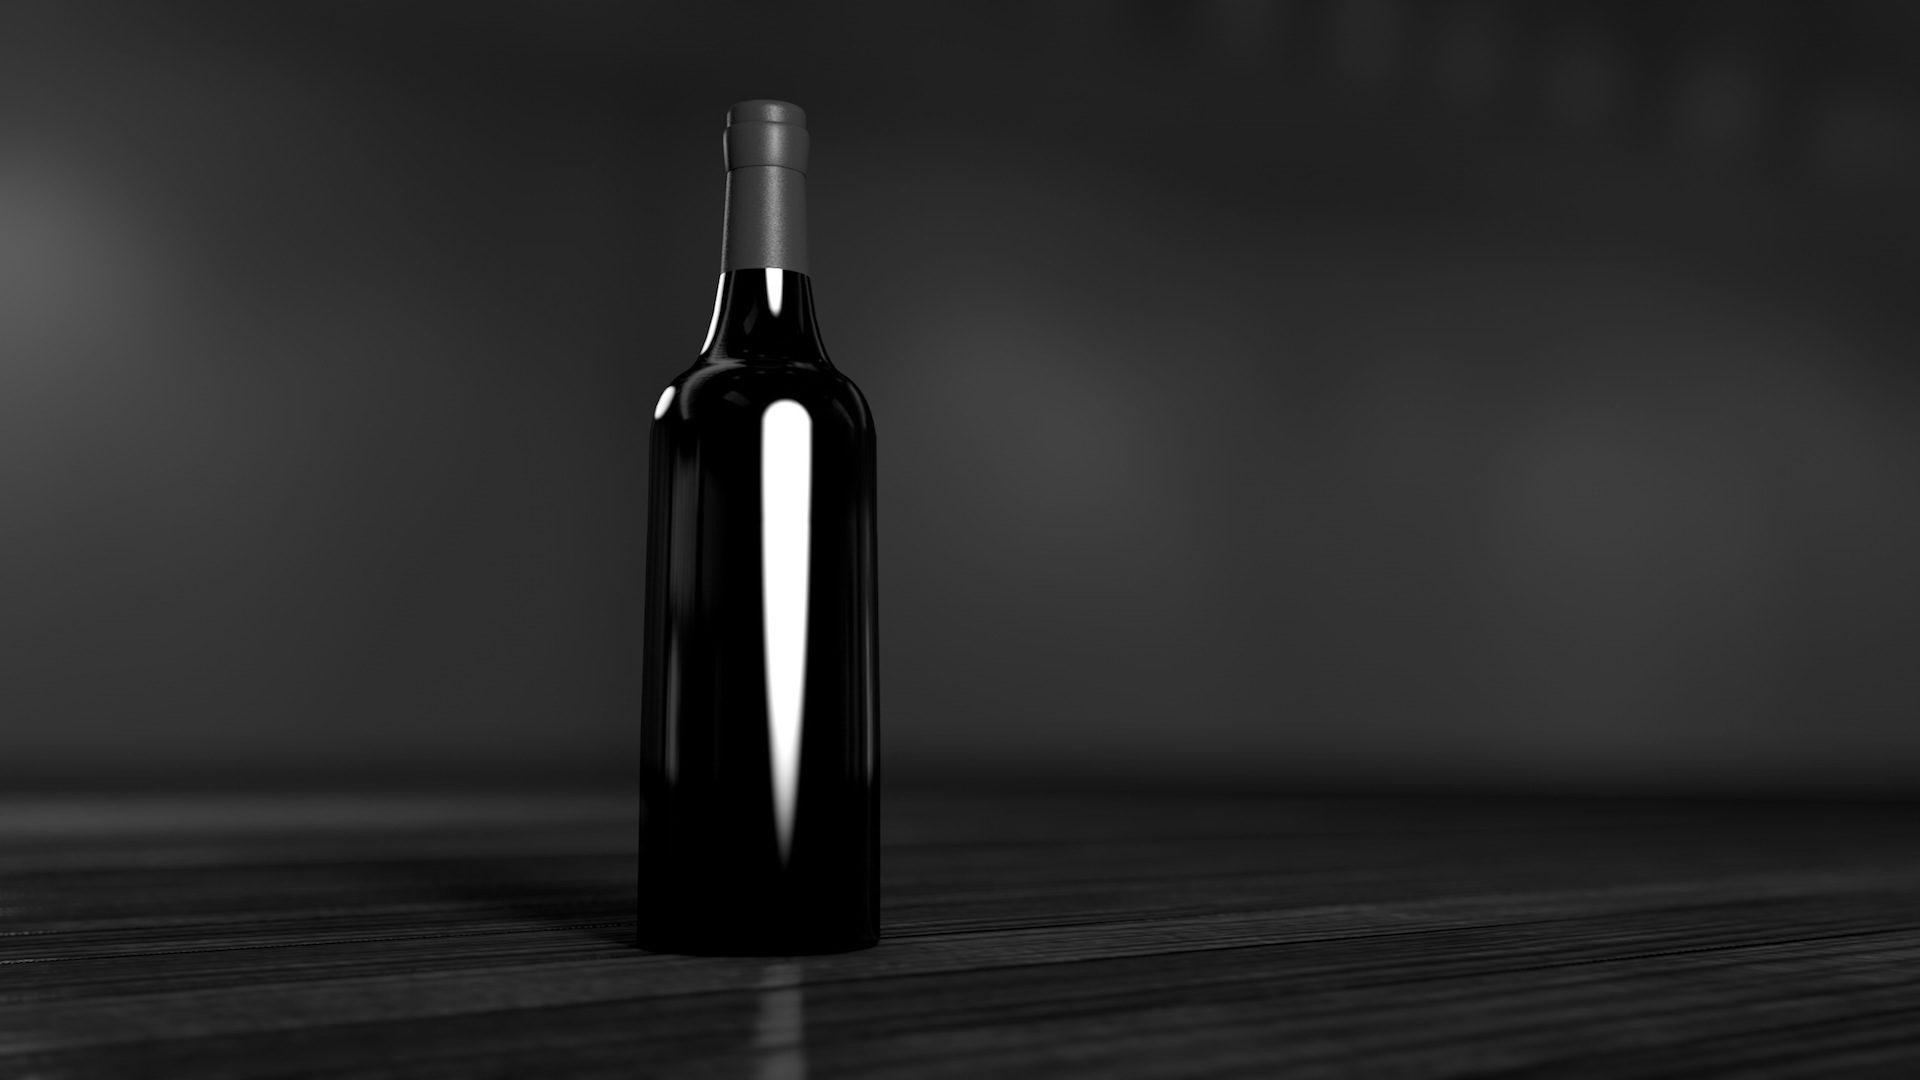 garrafa, vinho, minimalista, Soledad, em preto e branco - Papéis de parede HD - Professor-falken.com